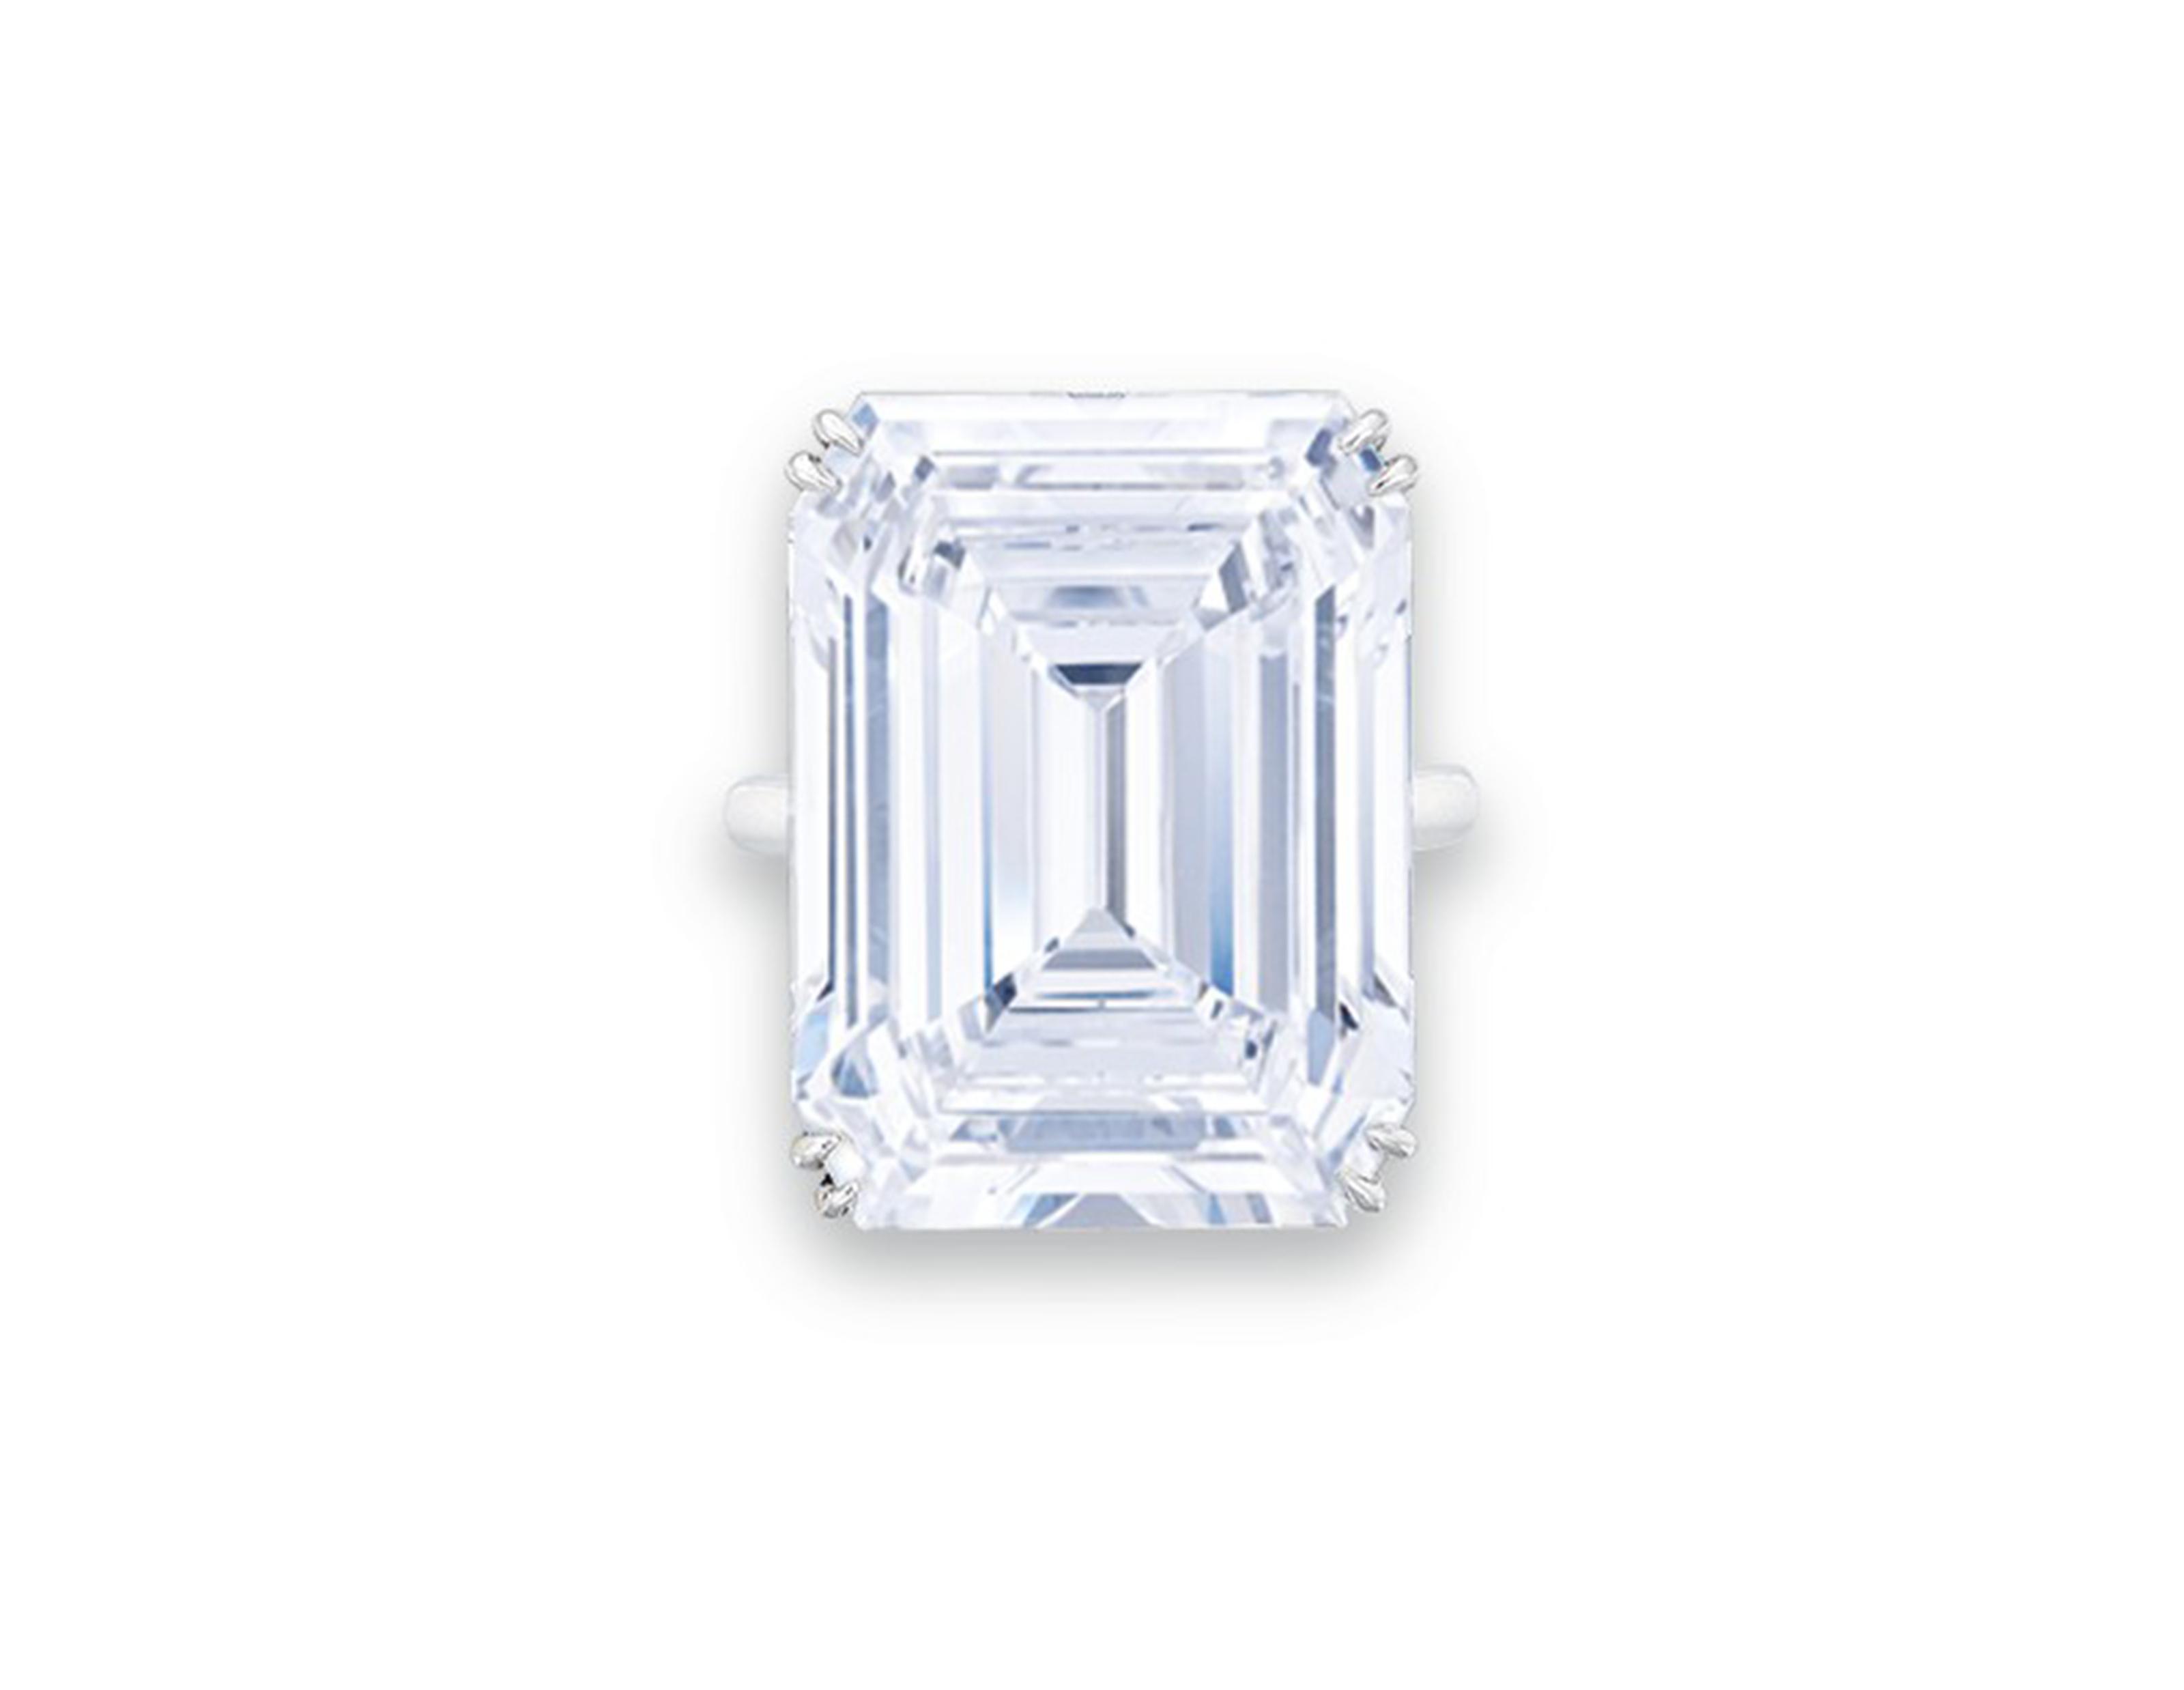 THE JONKER V  IMPORTANT DIAMOND RING, HARRY WINSTON